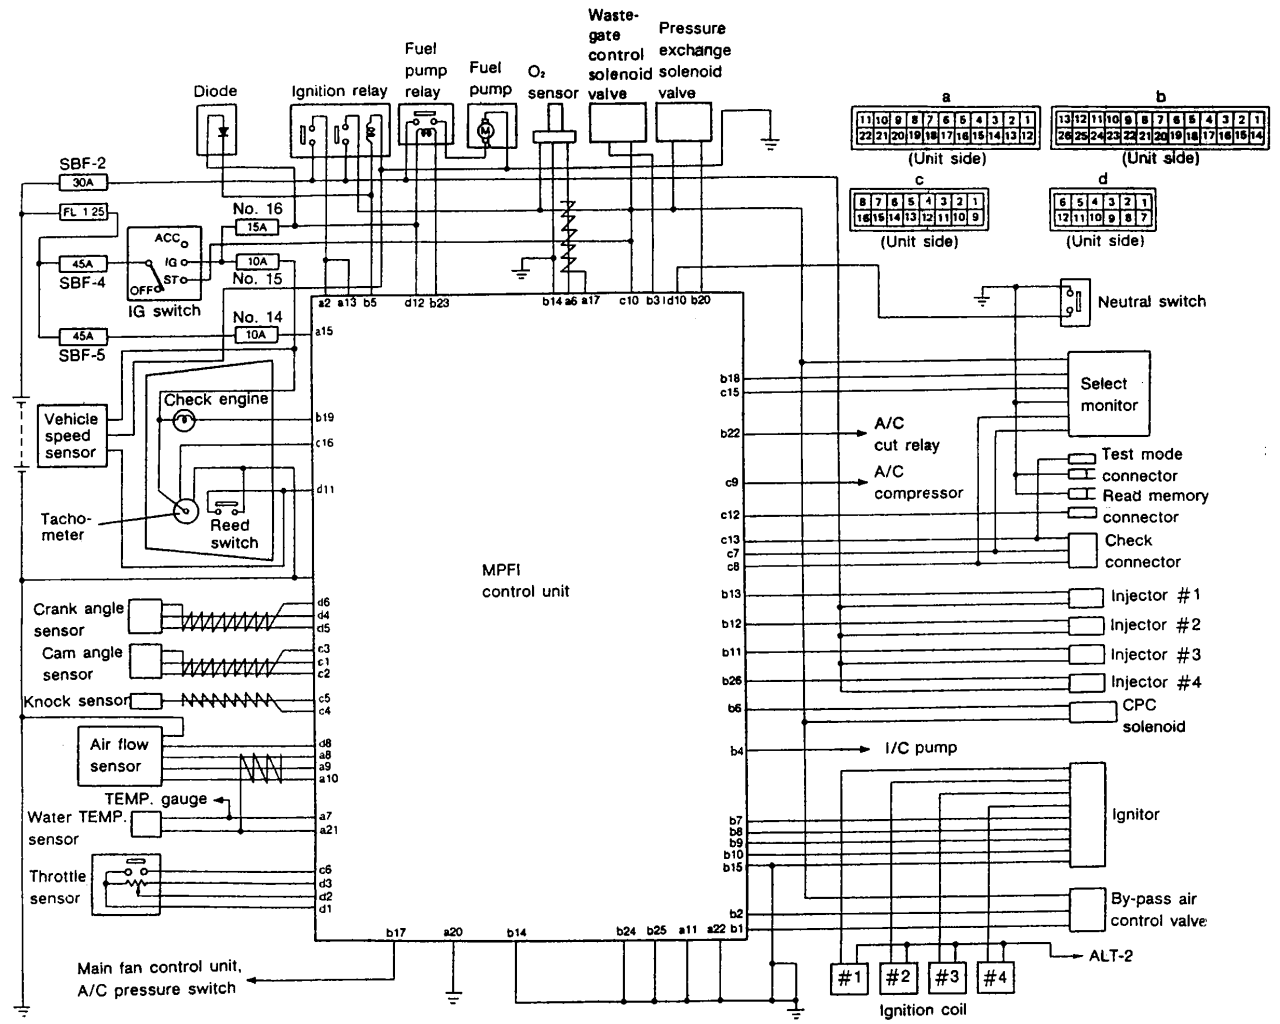 FH_6044] 92 Ford Bronco Ecu Wiring Diagram Free DiagramWida Odga Anth Timew Hyedi Mohammedshrine Librar Wiring 101